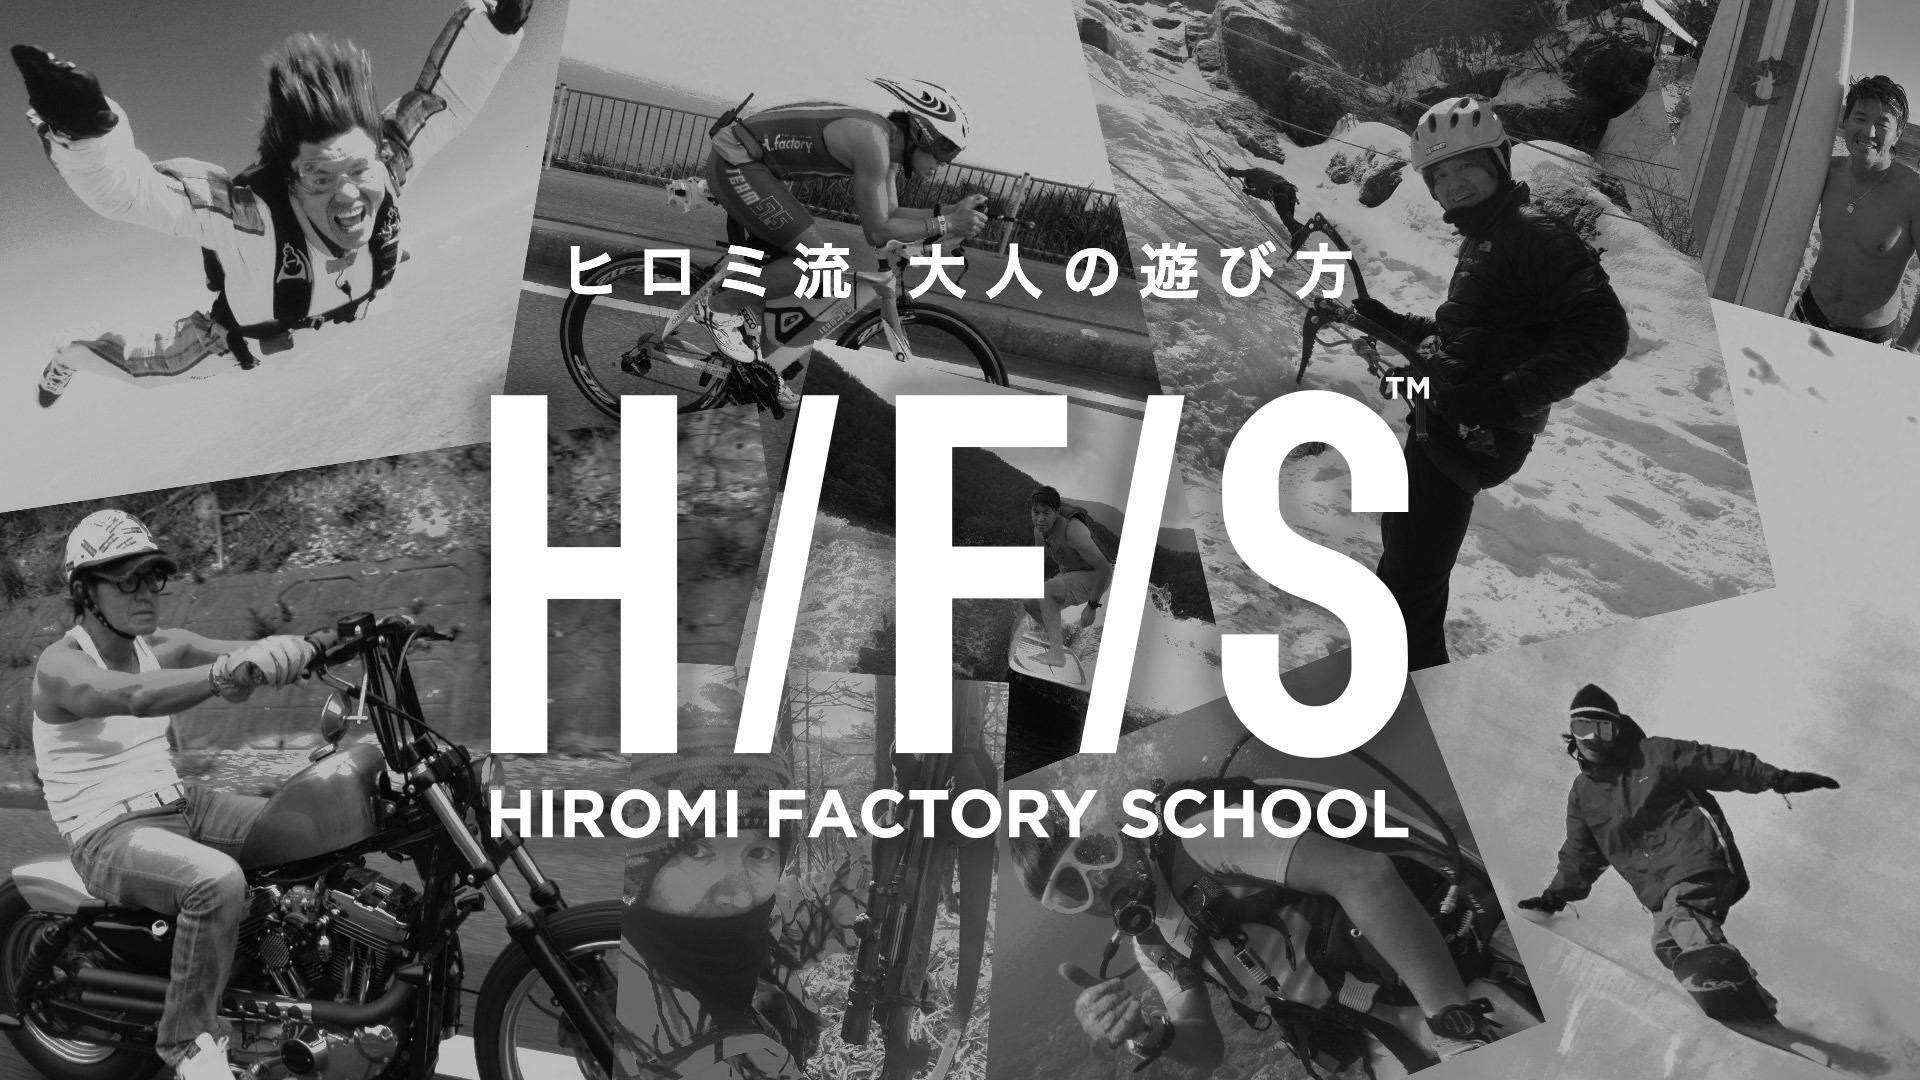 HIROMI FACTORY SCHOOL